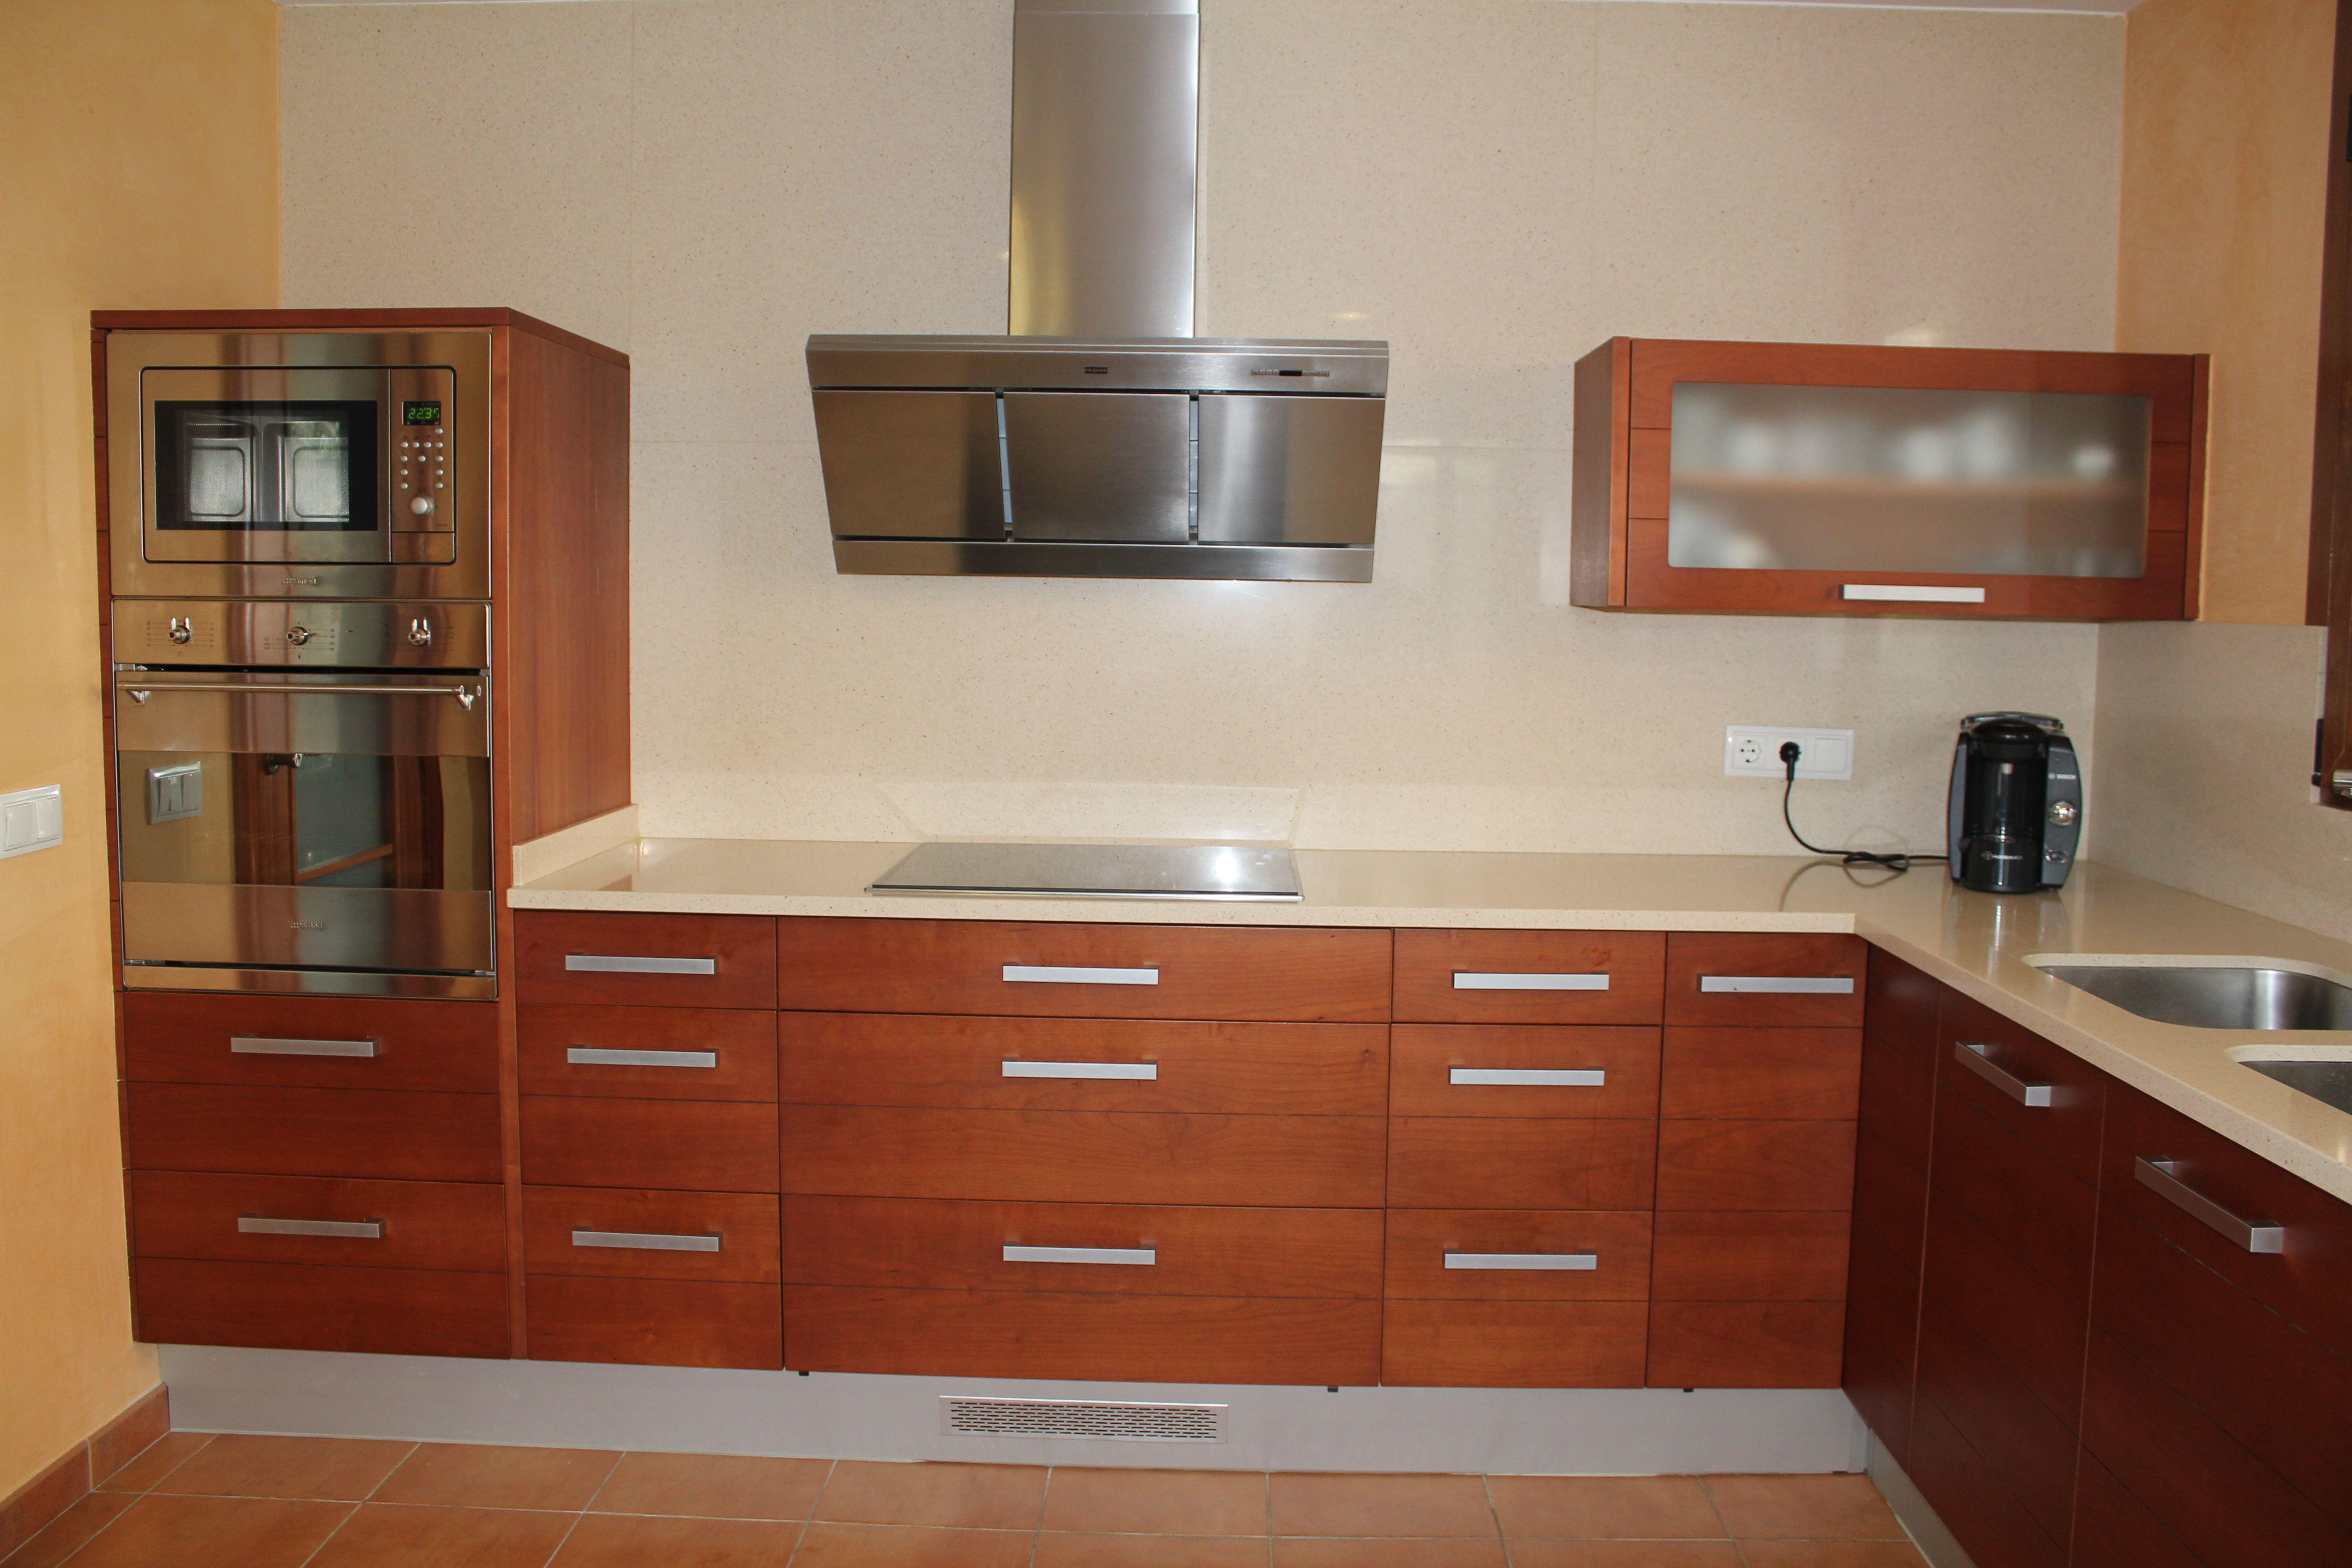 Mobiliario de cocina fabricado en tablero marino chapado con cerezo con ranuras horizontales y - Tableros de cocina ...